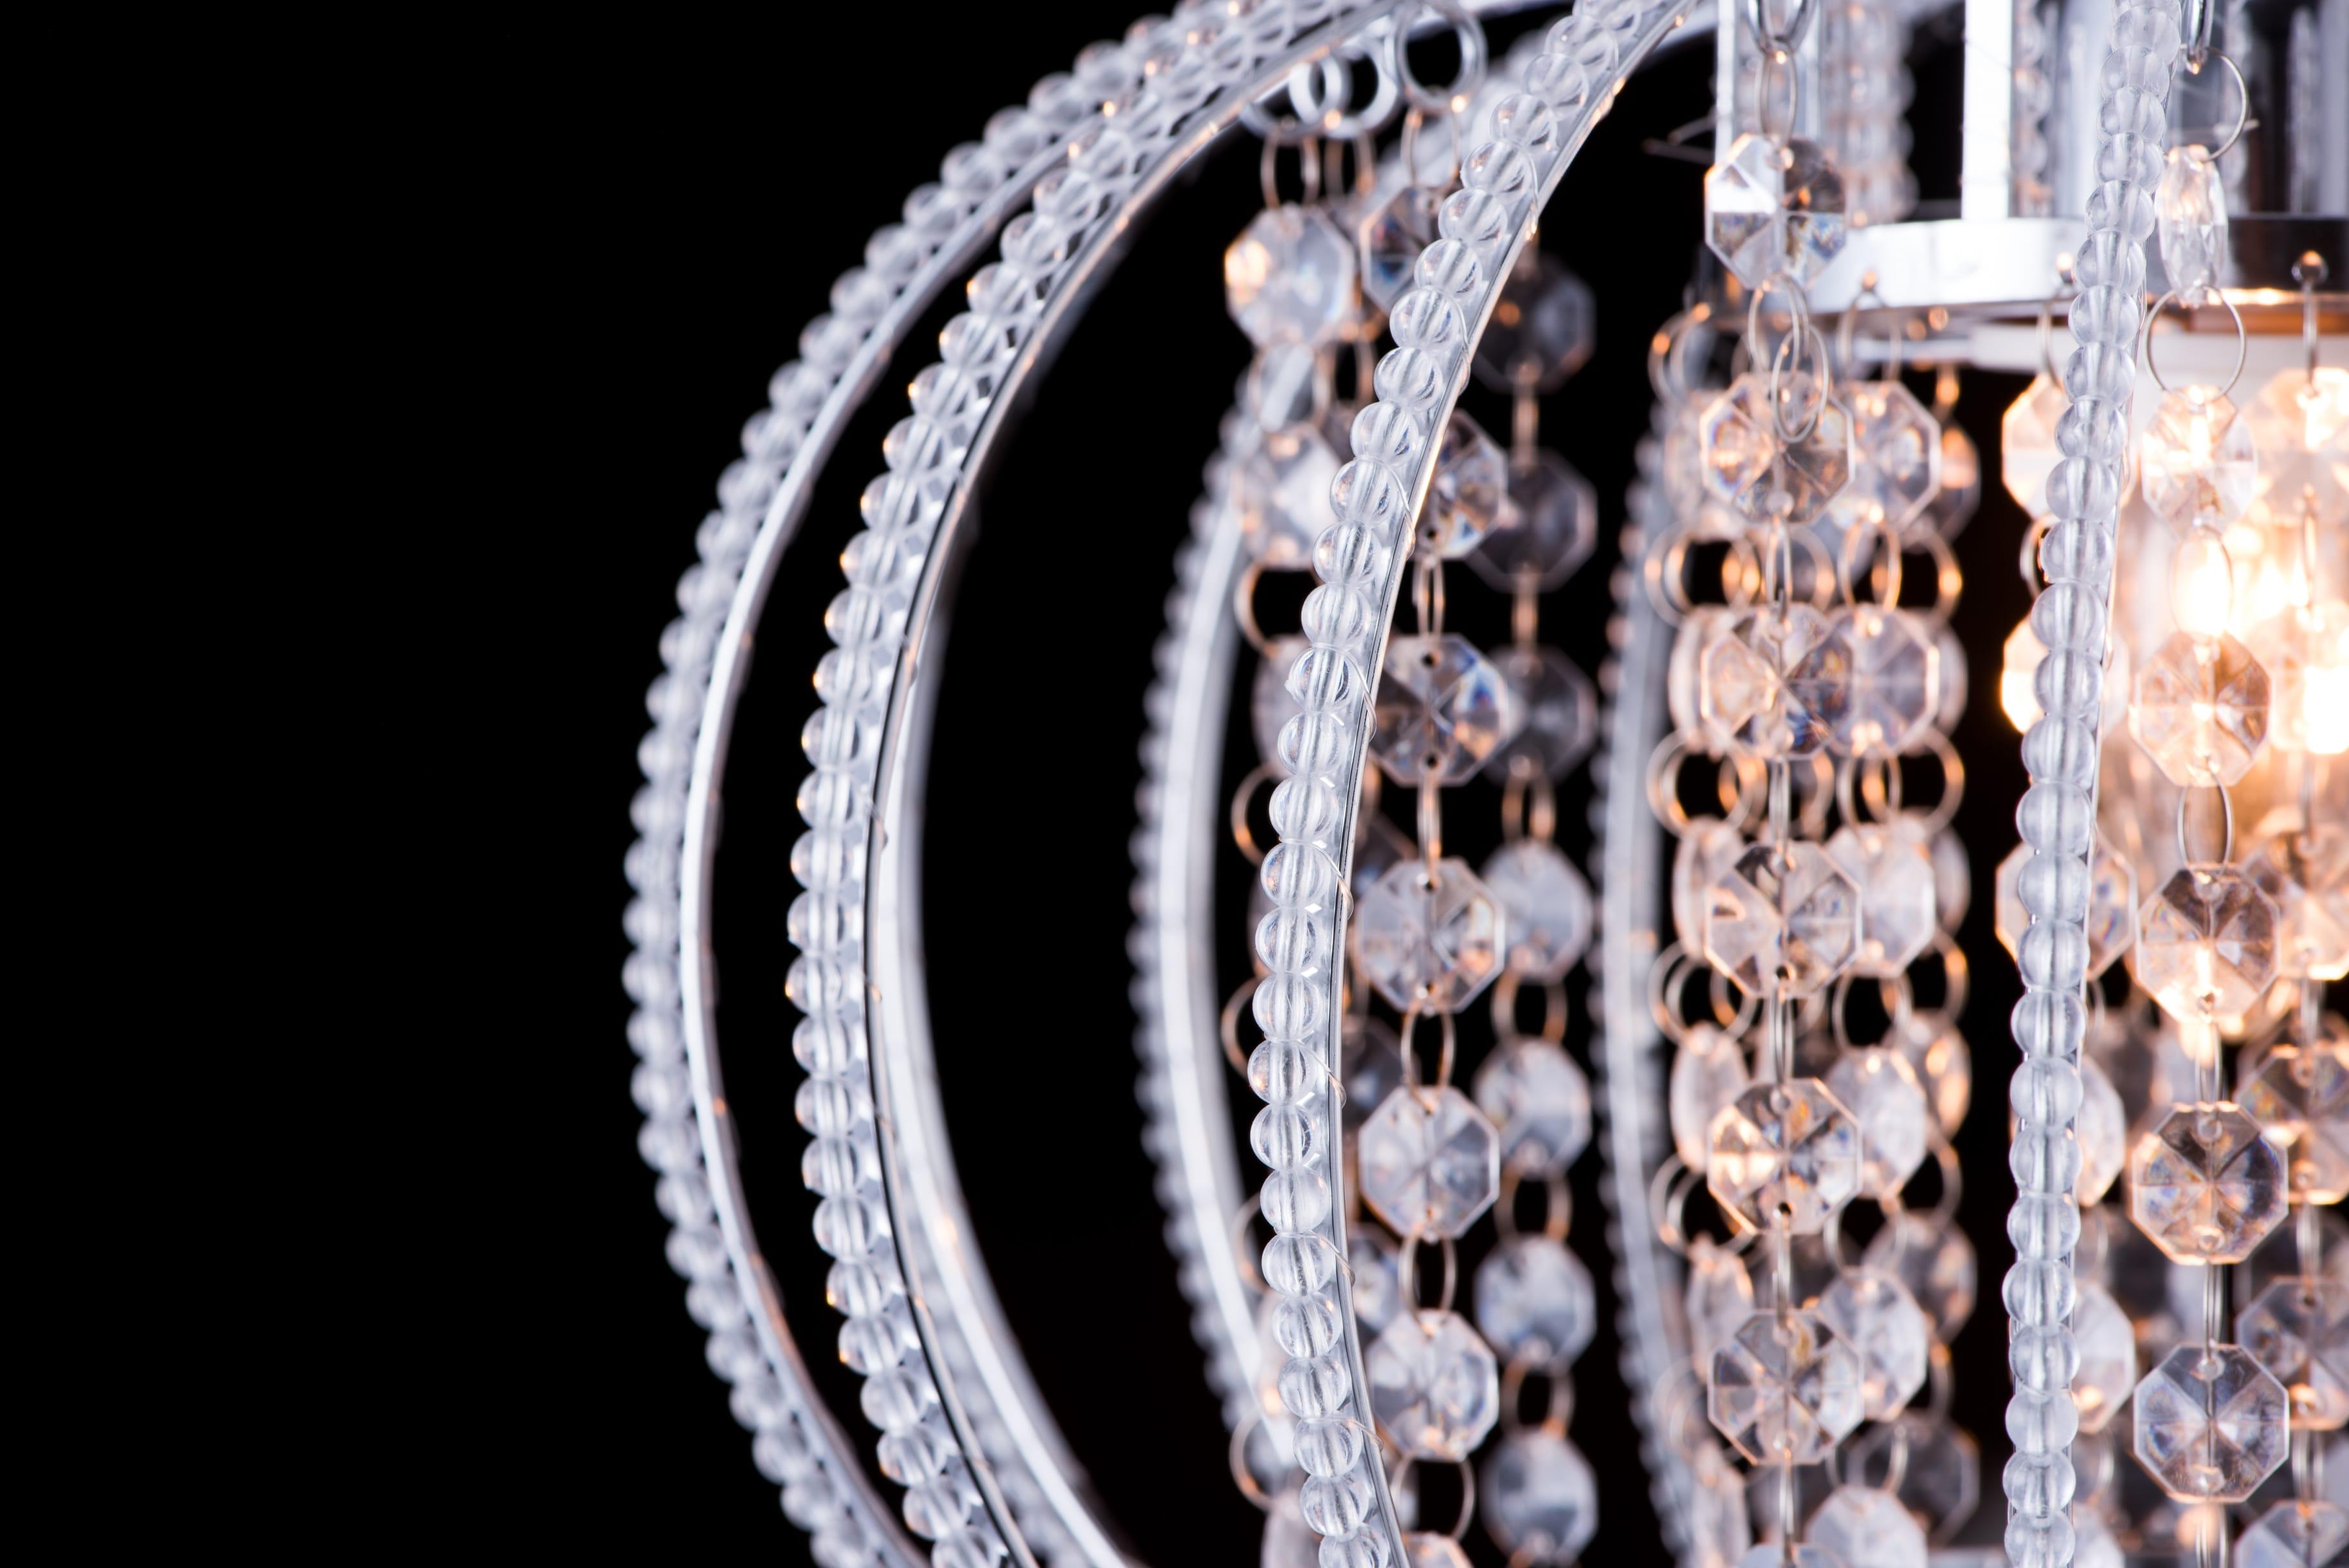 鍍鉻圓形透明壓克力珠吊燈-BNL00046 2